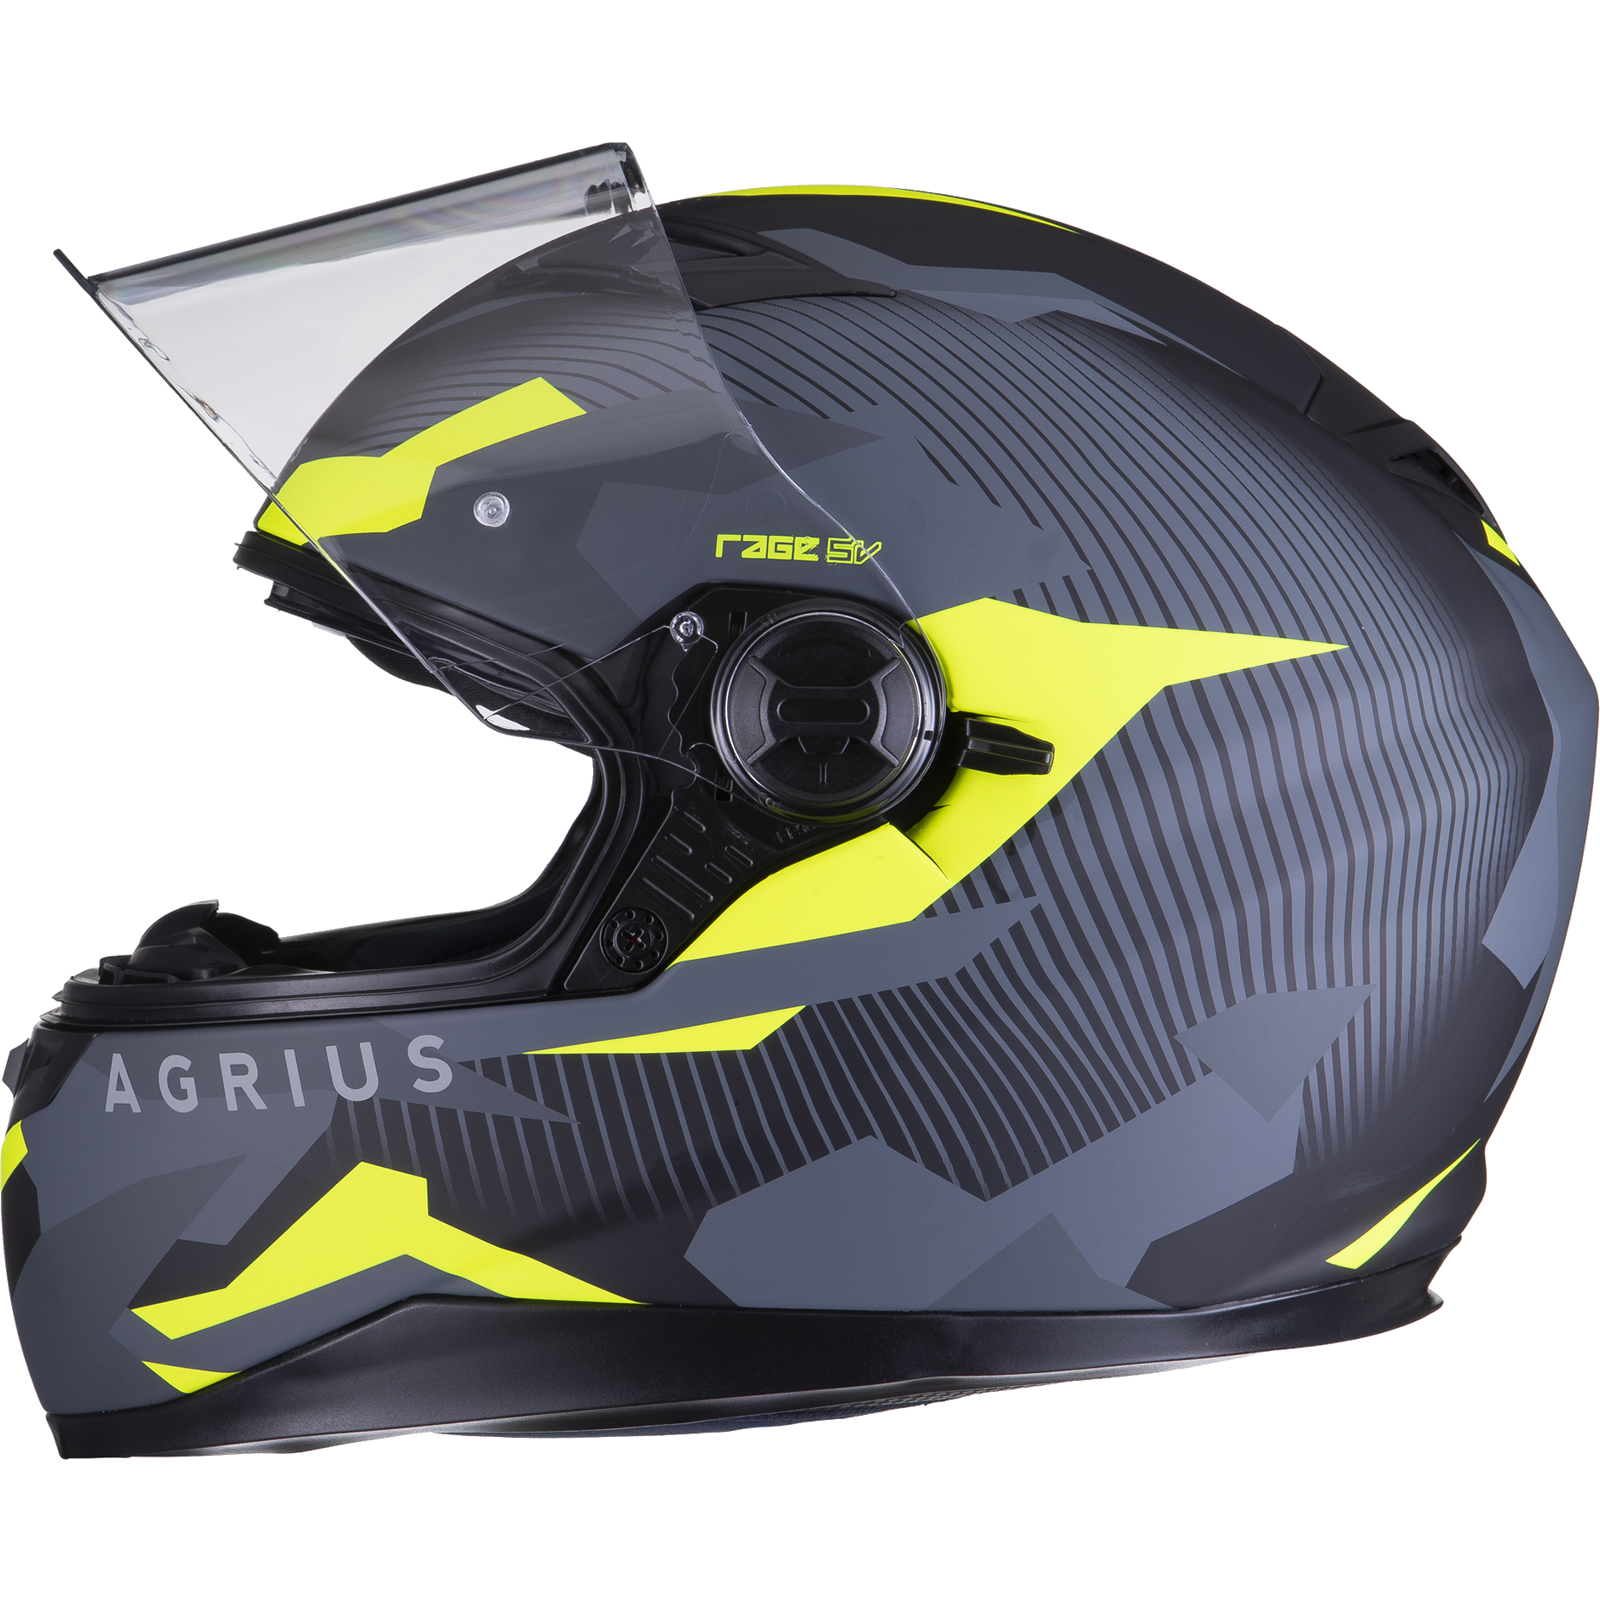 Agrius Rage Tracker Motorcycle Helmet